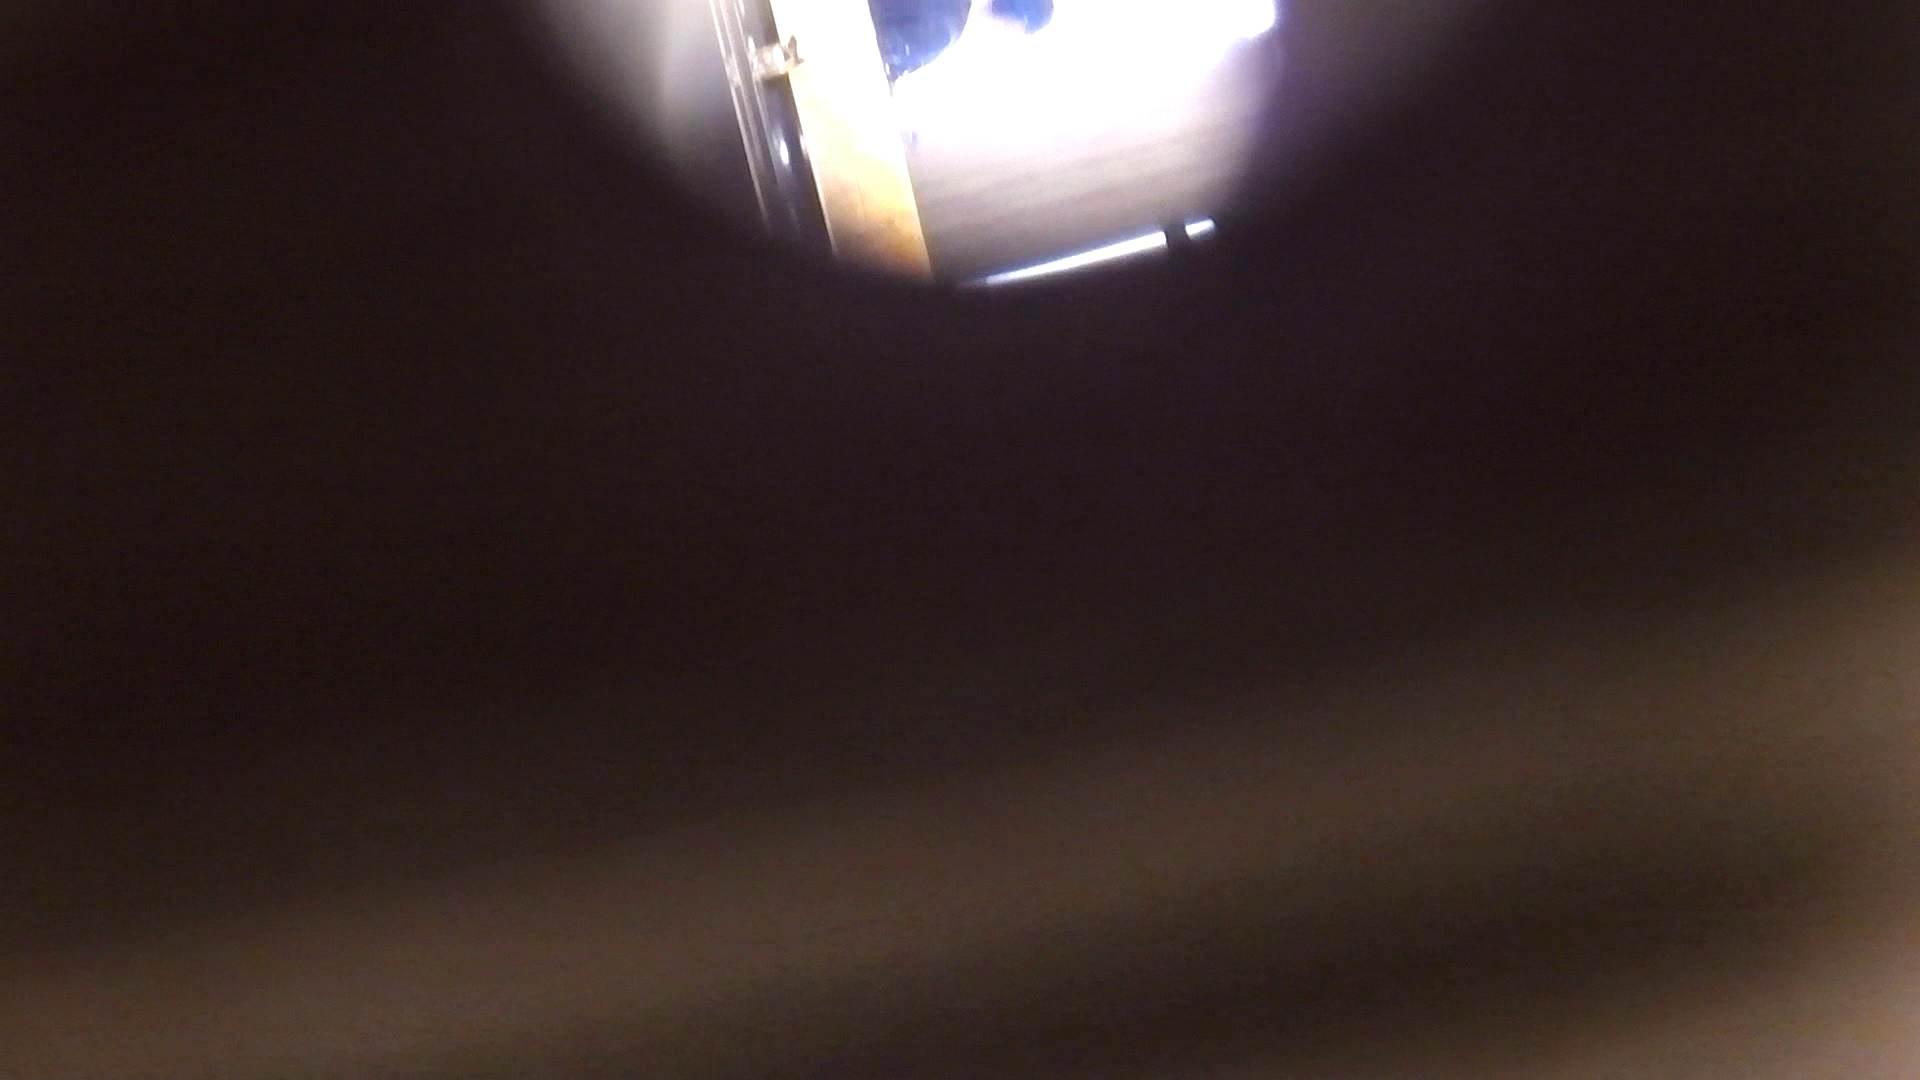 阿国ちゃんの「和式洋式七変化」No.2 和式で・・・ 盗撮 75画像 48